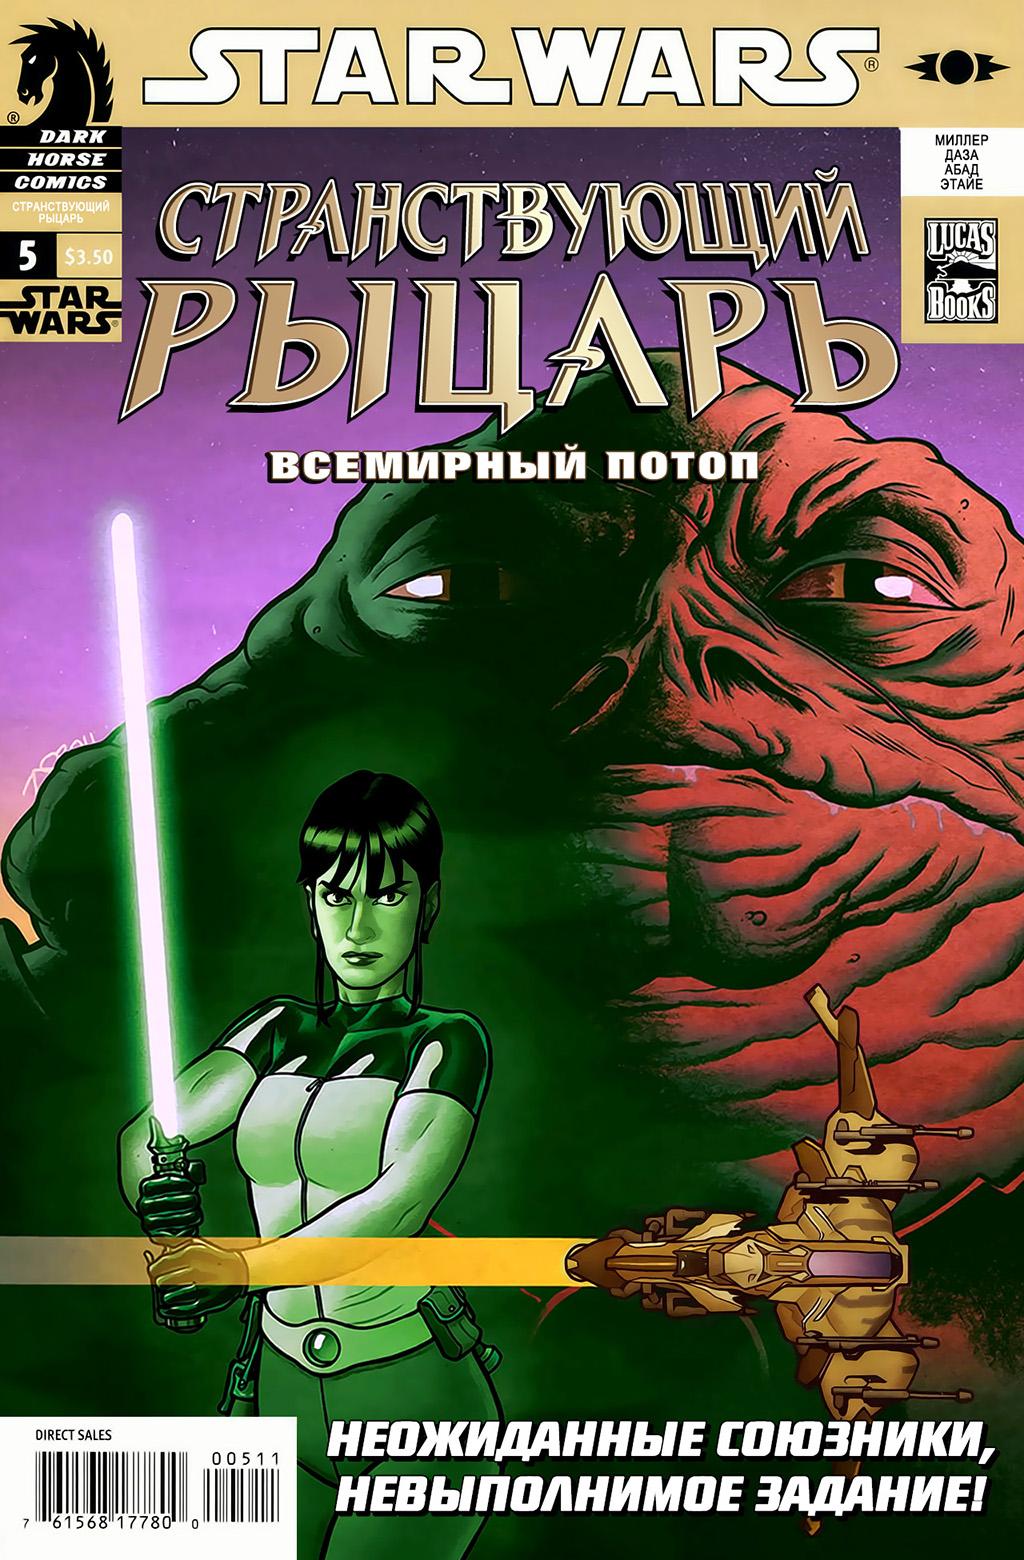 Комикс Звездные Войны - Странствующий Рыцарь